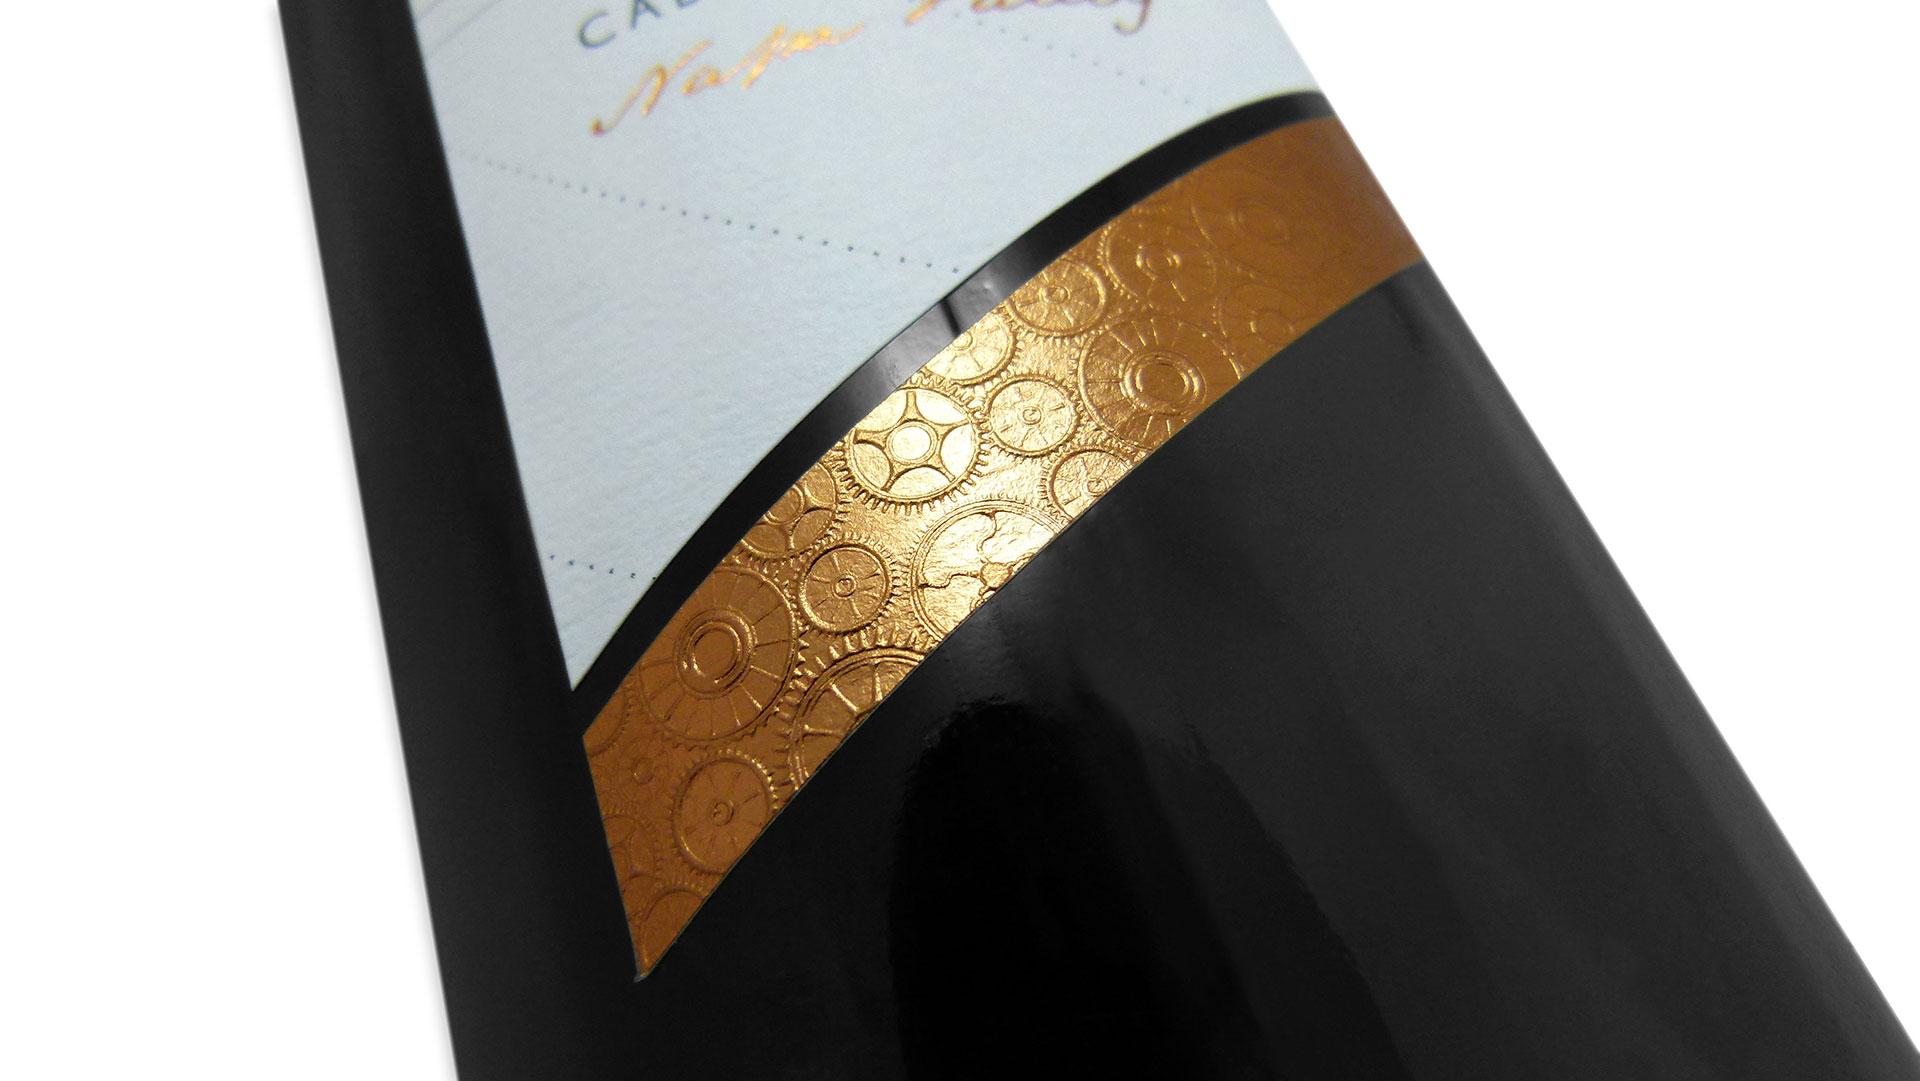 807-precision-wine-2